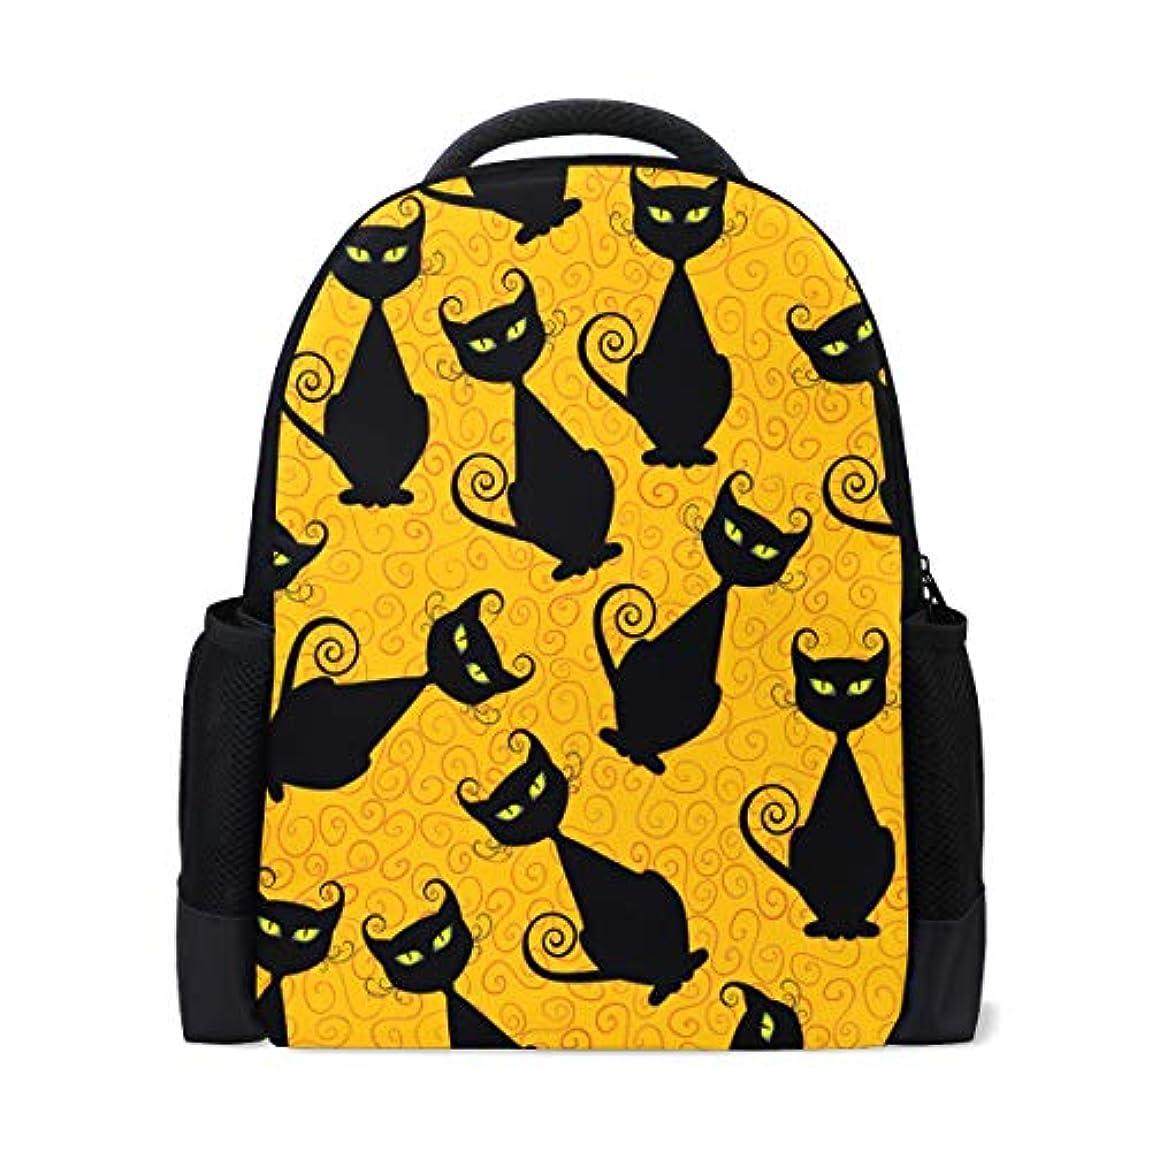 利用可能対角線剃るリュック レディース おしゃれ 軽量 a4 多機能 リュックサック メンズ バタフライ 猫柄 黒猫 大容量 通学 通勤 旅行 デイパック プレゼント対応